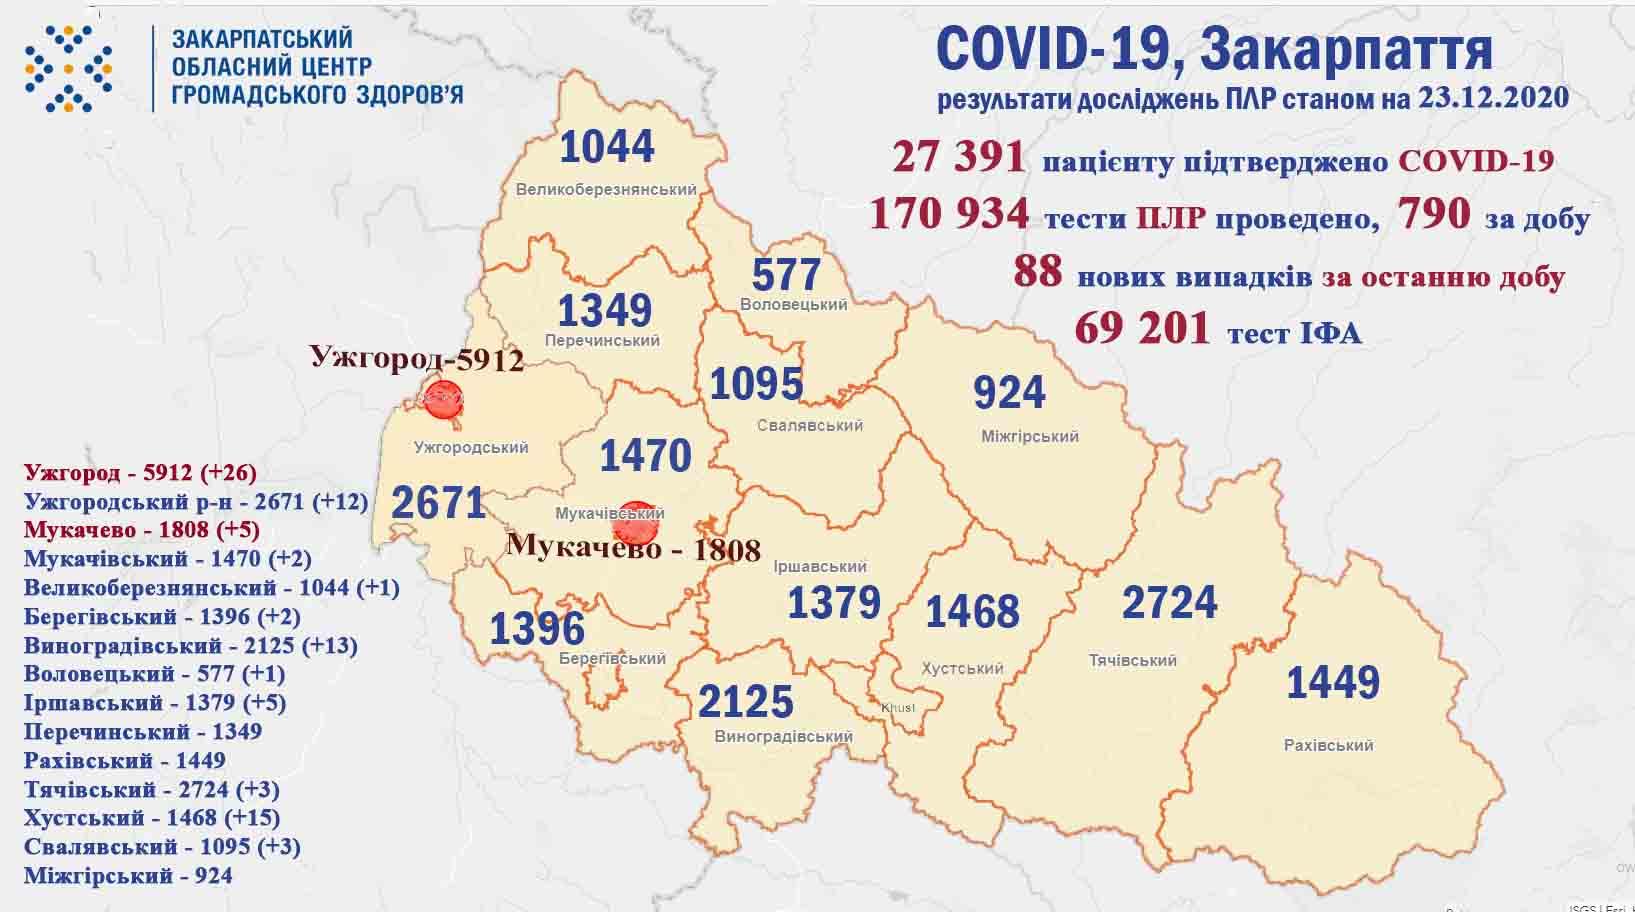 Коронавірус у Закарпатті: оновлена статистика